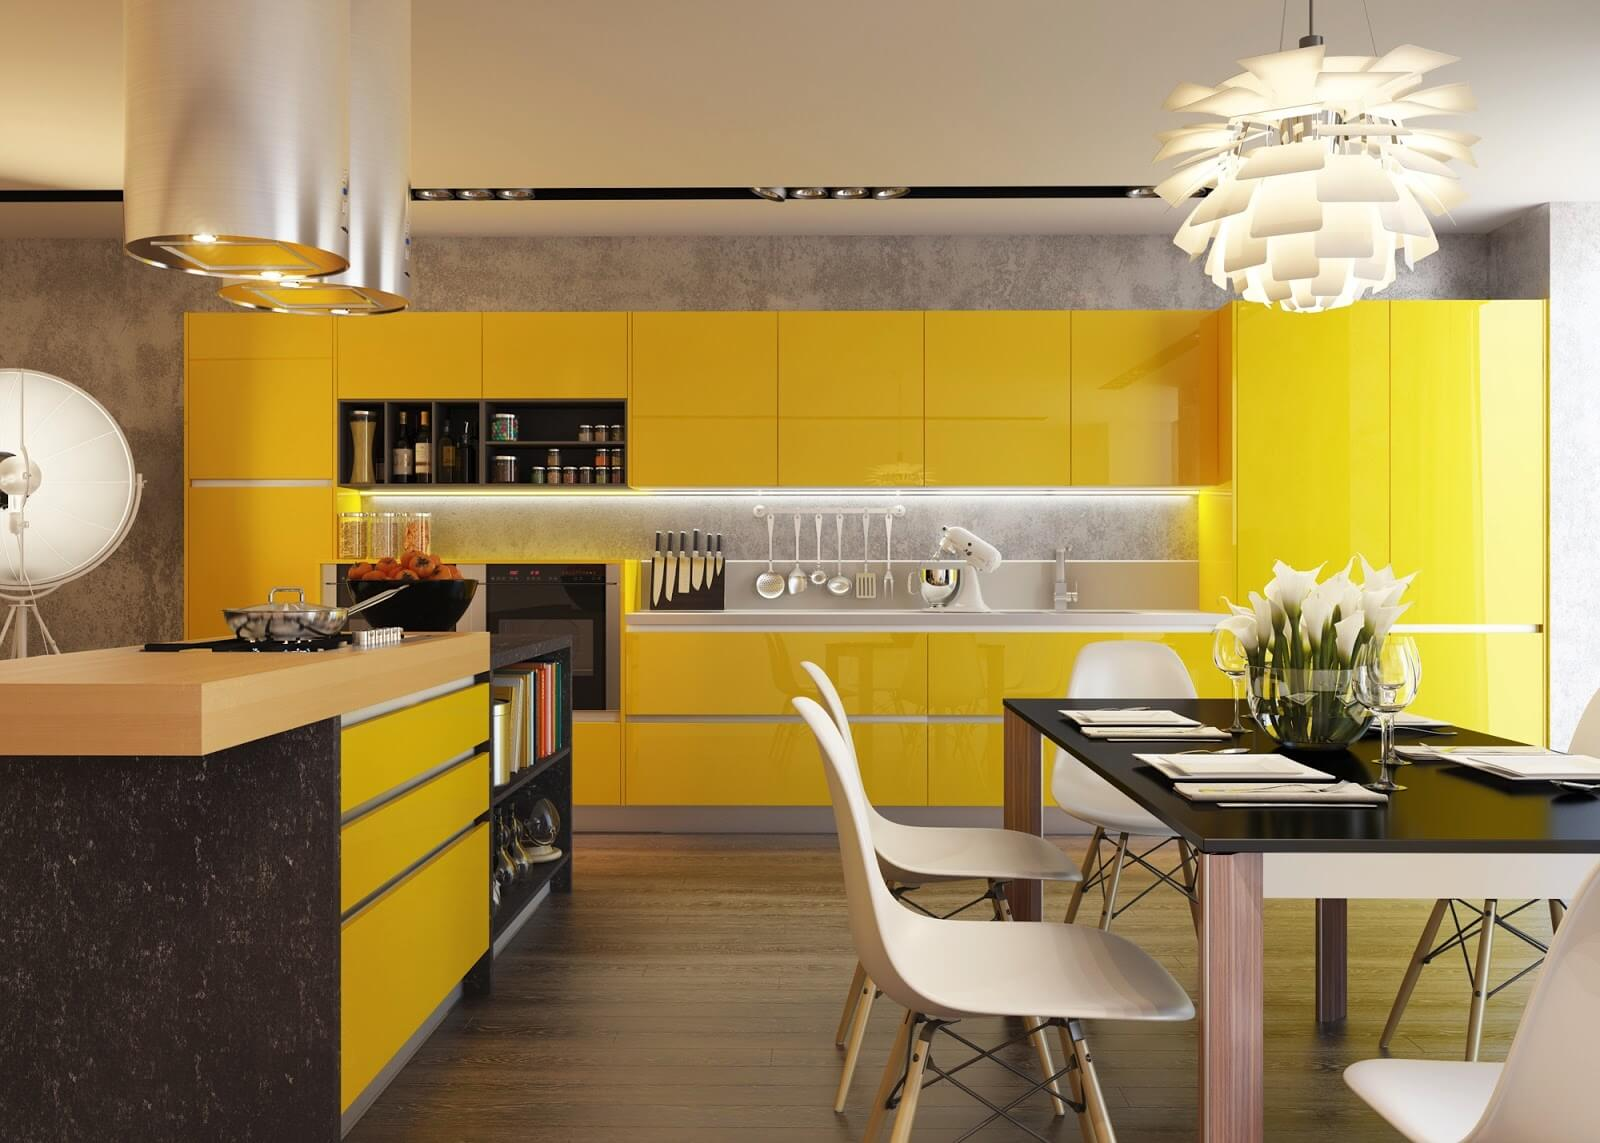 Sơn lại nhà nên sơn lót để đảm bảo chất lượng và màu sắc